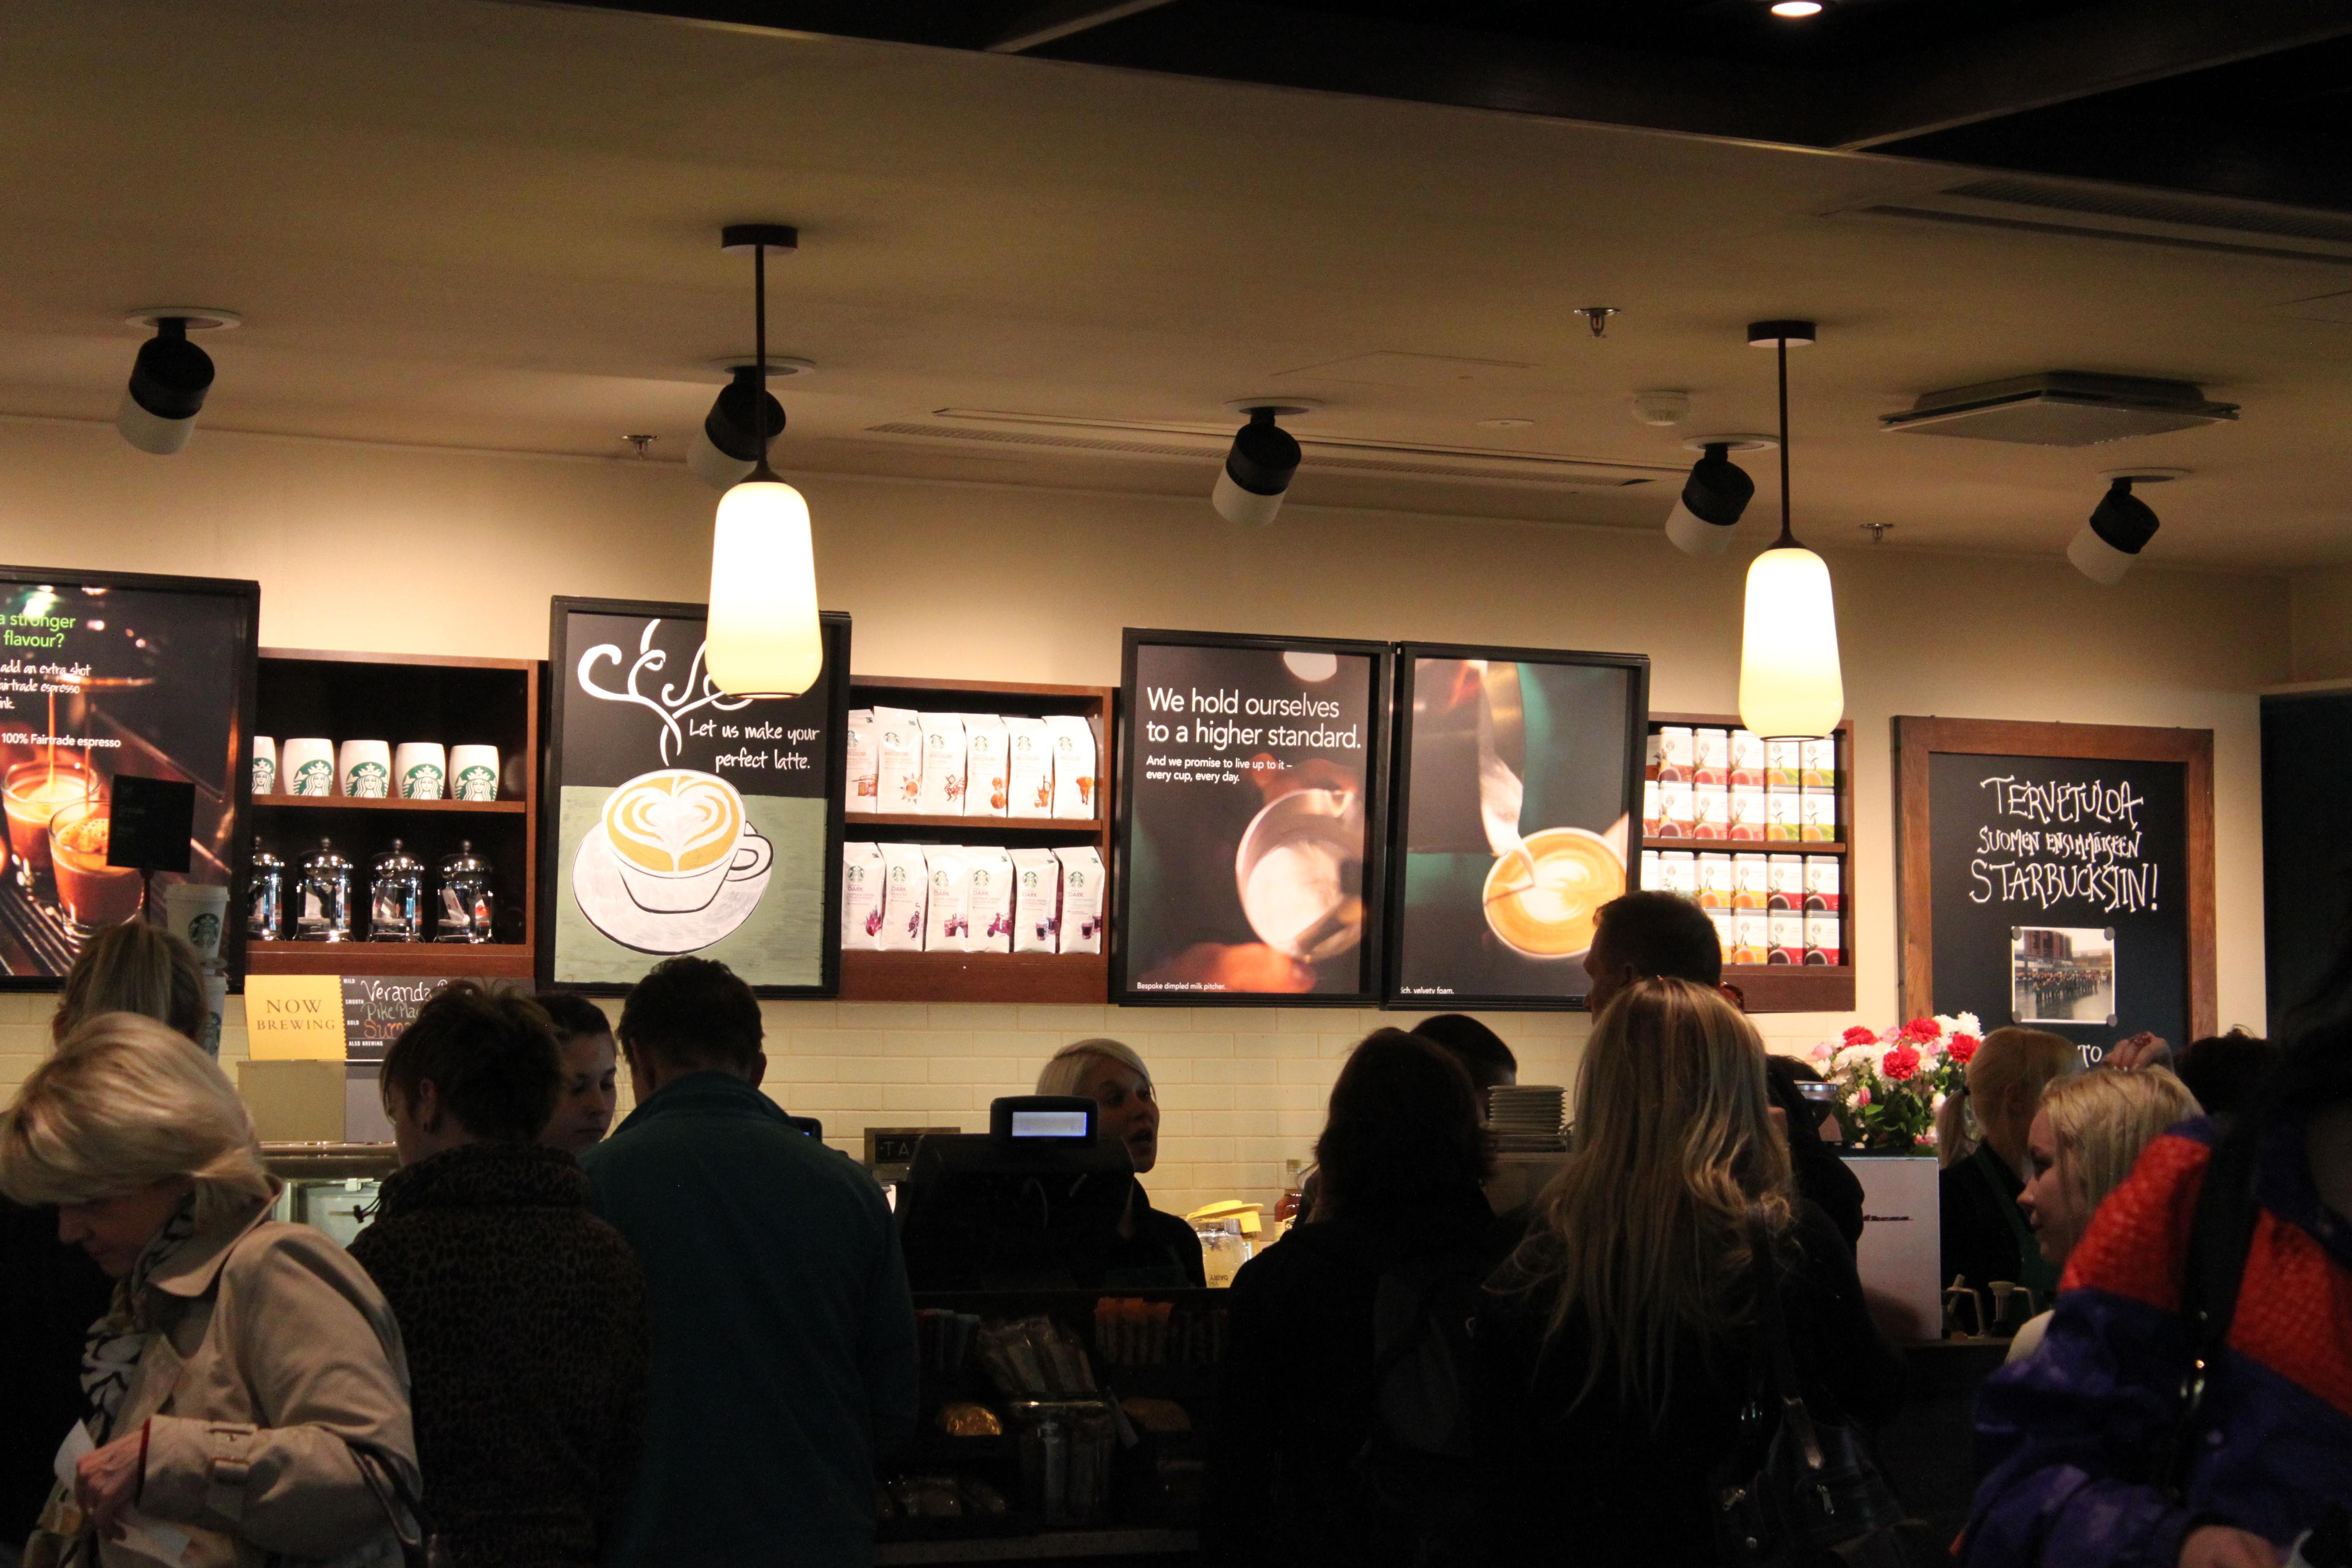 Starbucks, Vantaa: Palvelu oli nopeaa, vaikka jonoa riitti